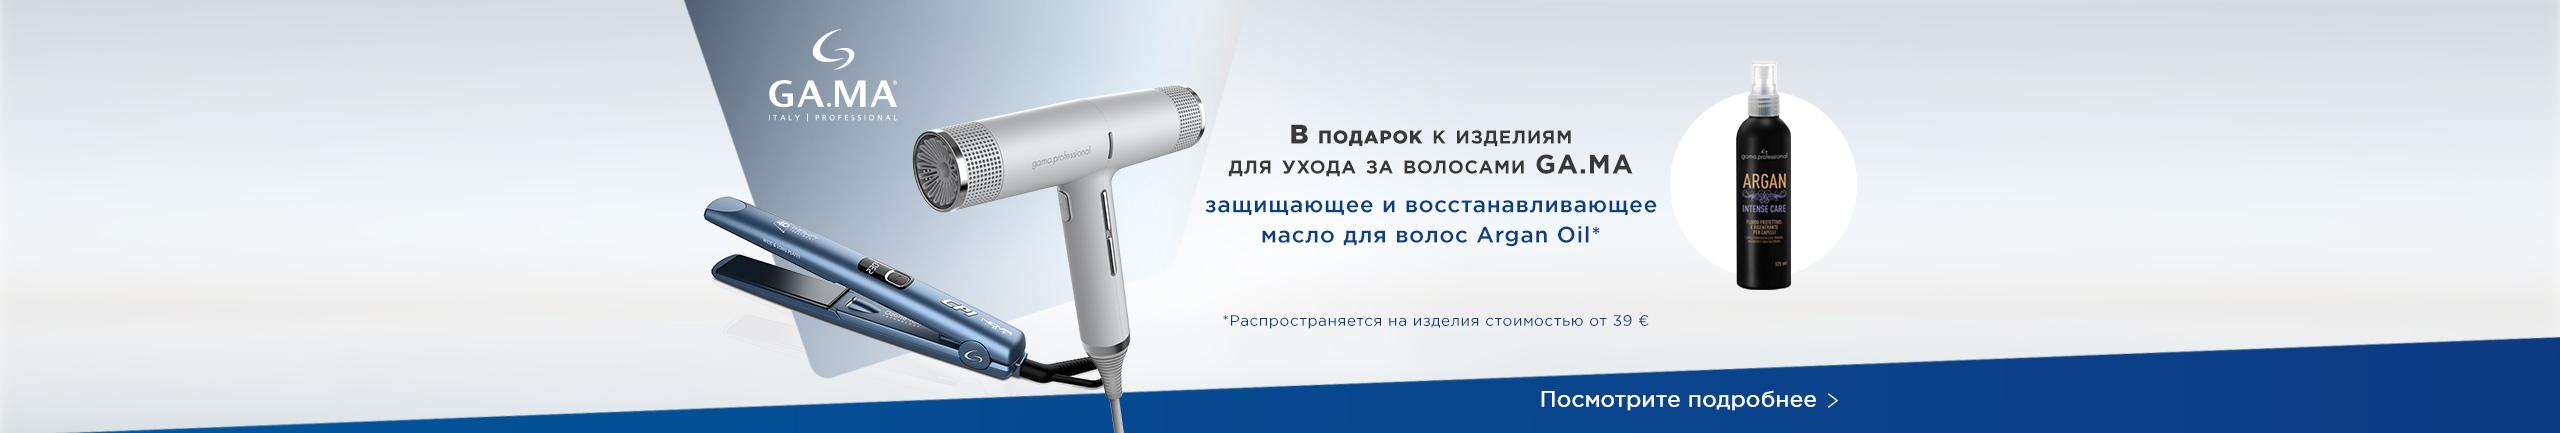 В подарок к изделиям для ухода за волосами GA.MA – защищающее и восстанавливающее масло для волос Argan Oil